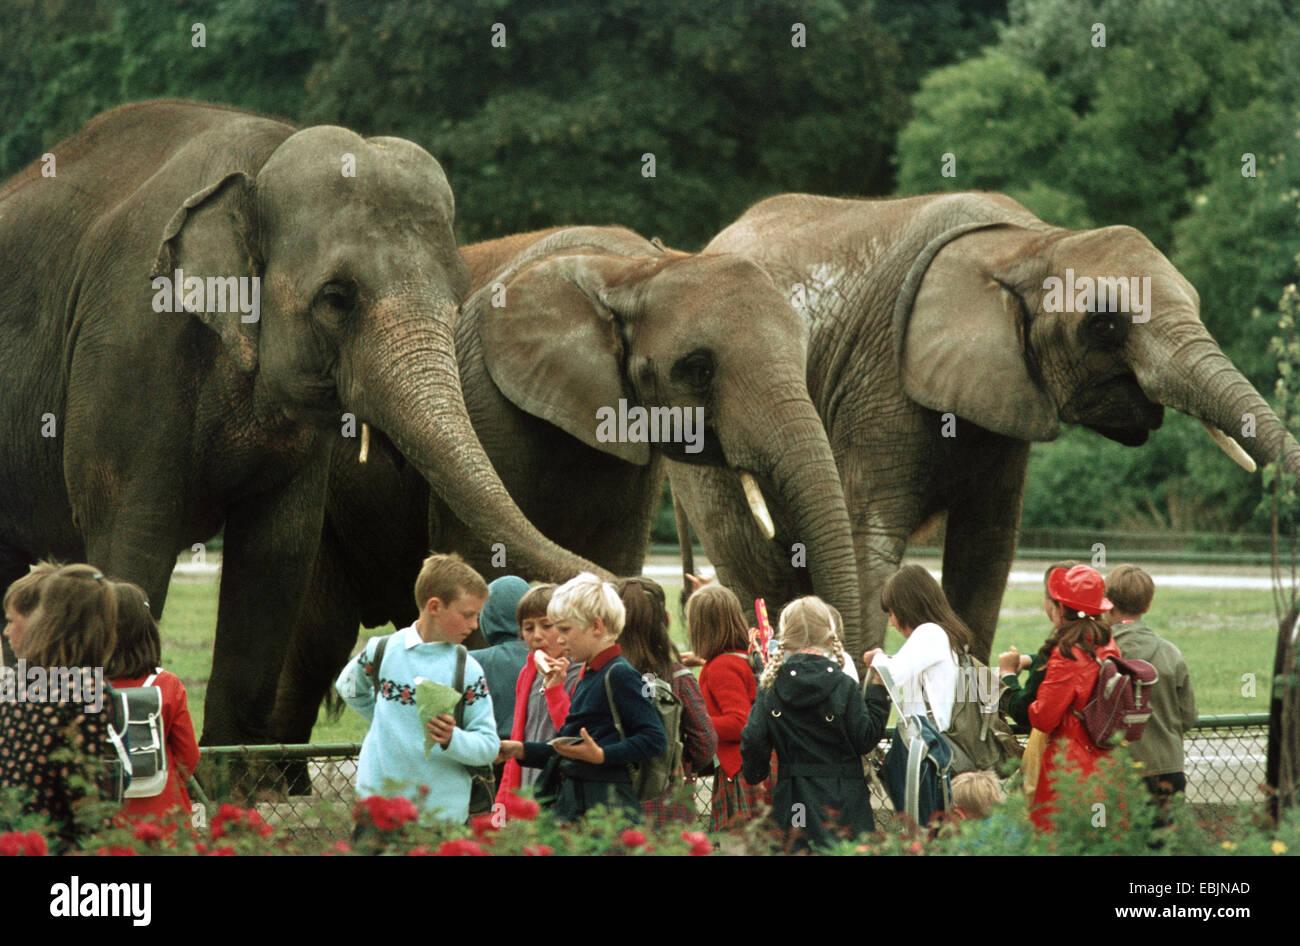 L'éléphant d'Asie, l'éléphant d'Asie (Elephas maximus), classe d'école, Photo Stock